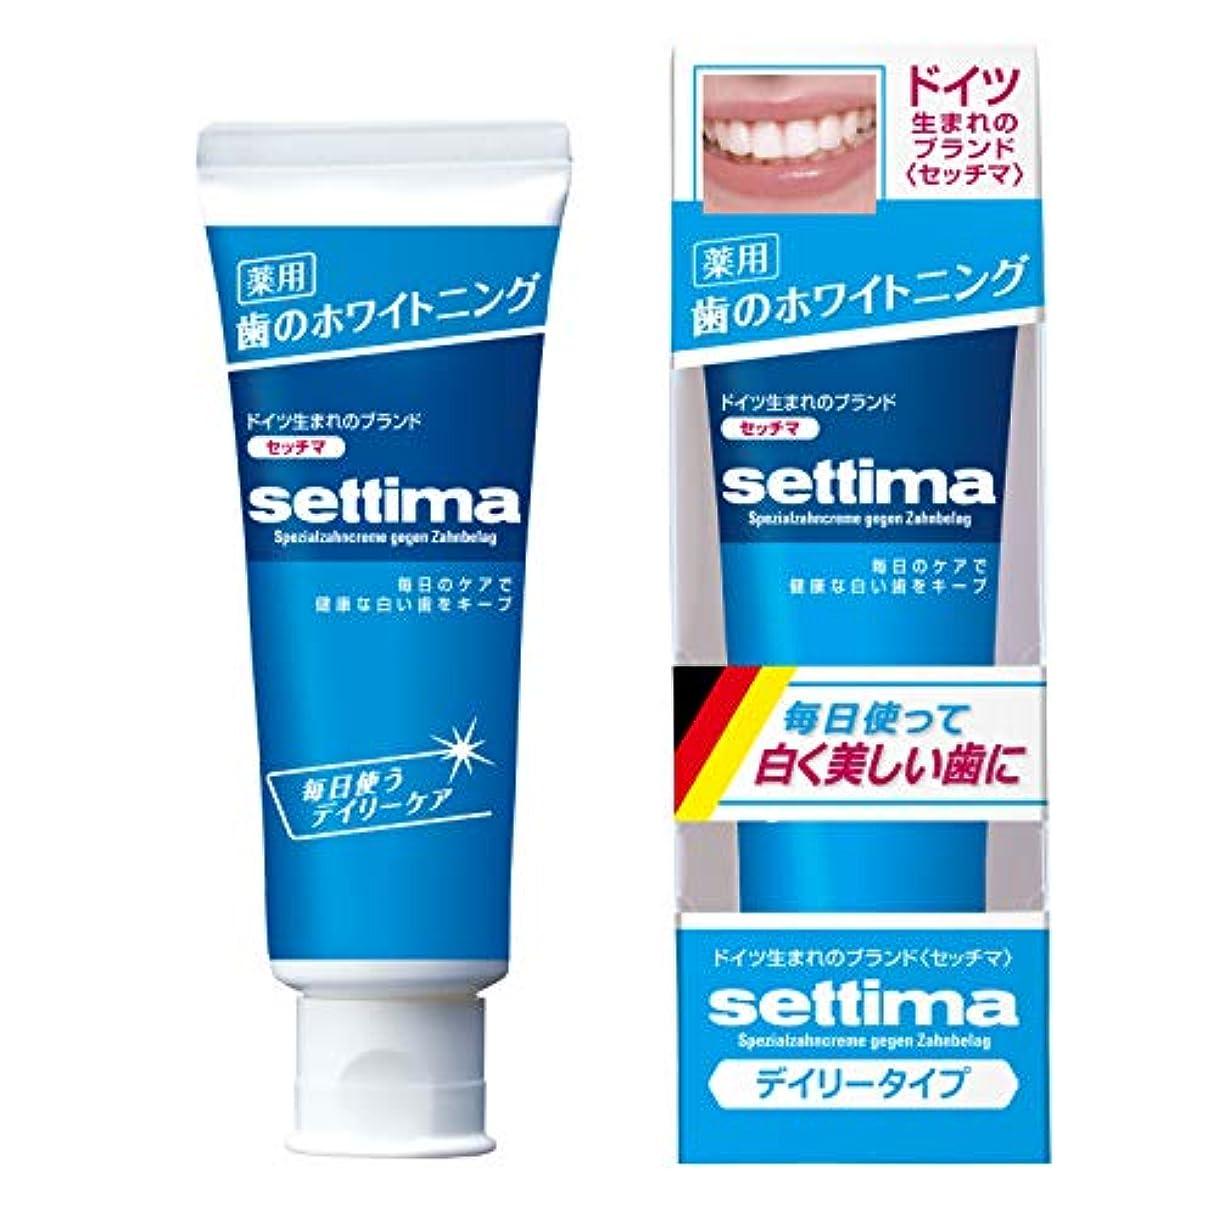 割り当てる一口一口[医薬部外品] settima(セッチマ) ホワイトニング 歯みがき デイリーケア [ファインミントタイプ] <ステインケア タバコのヤニ取り フッ素配合 虫歯予防> 80g